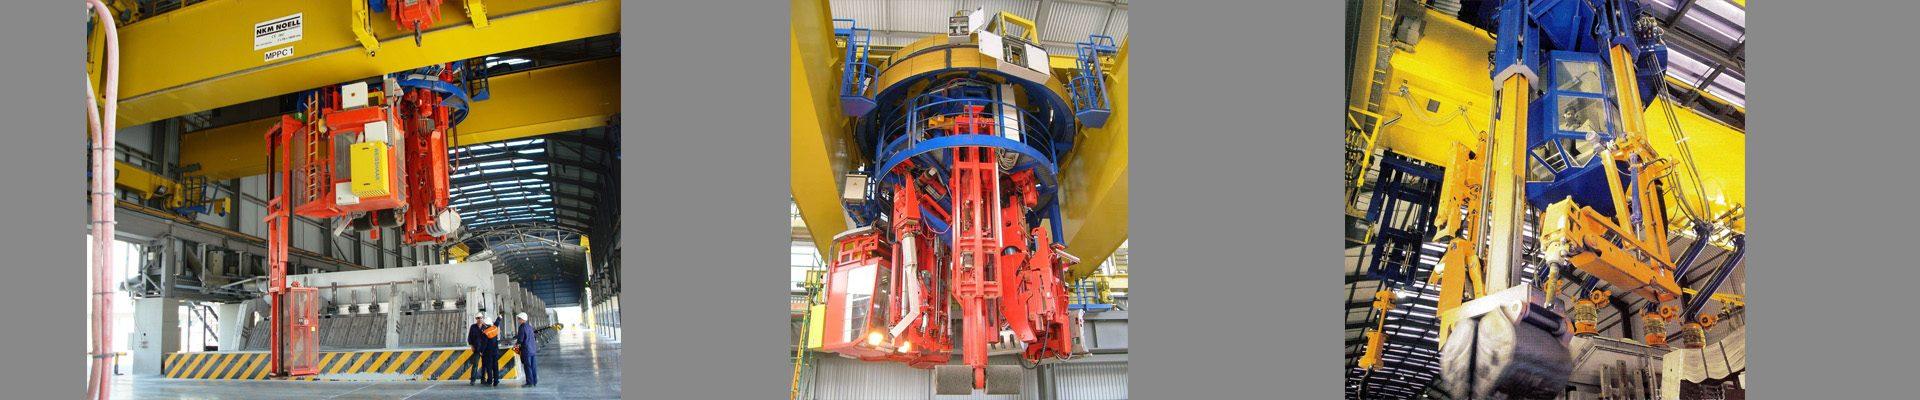 handling_equipment_aluminum